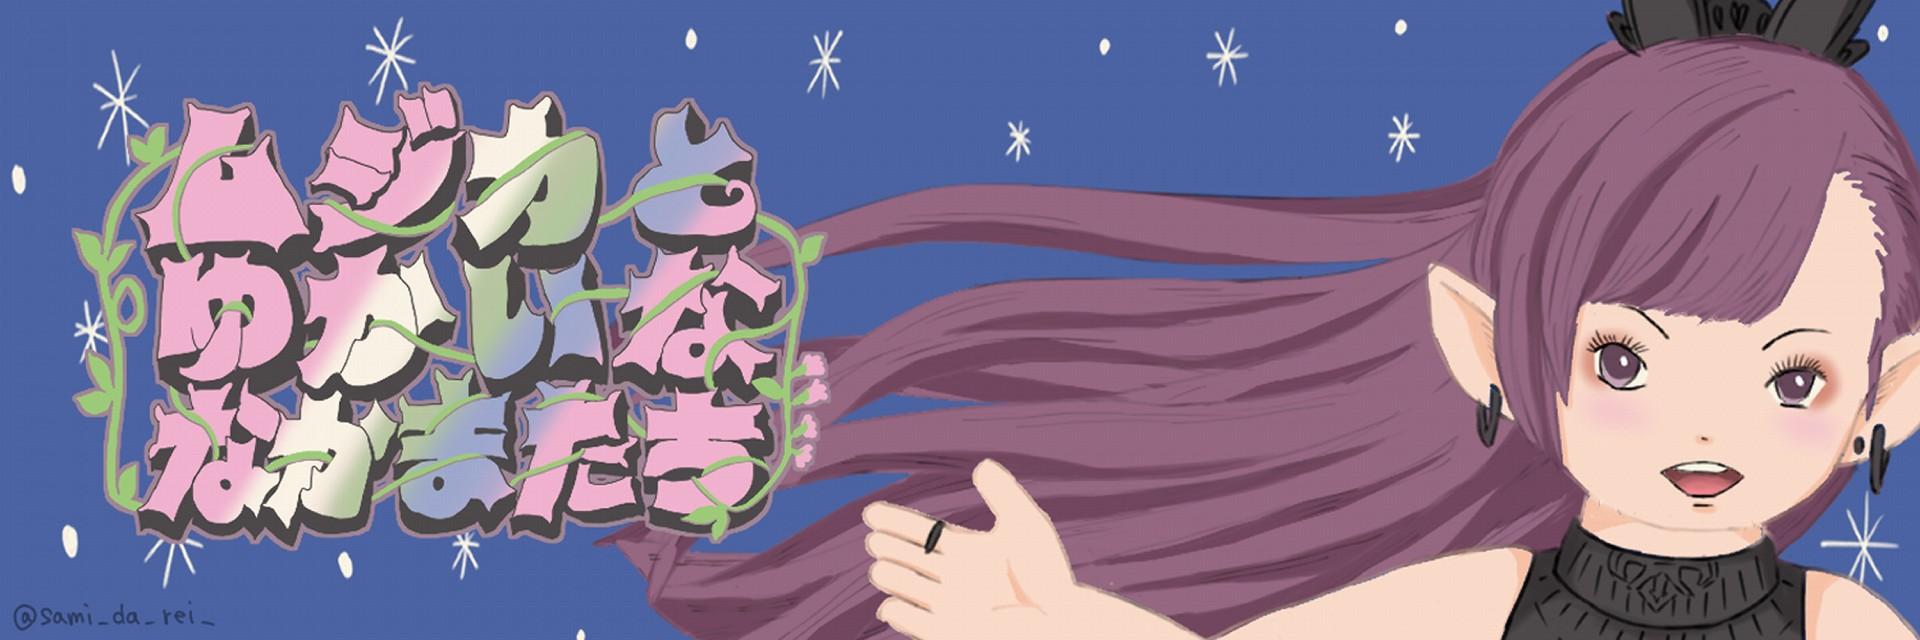 f:id:ryoushitsu-musica:20210922215539j:image